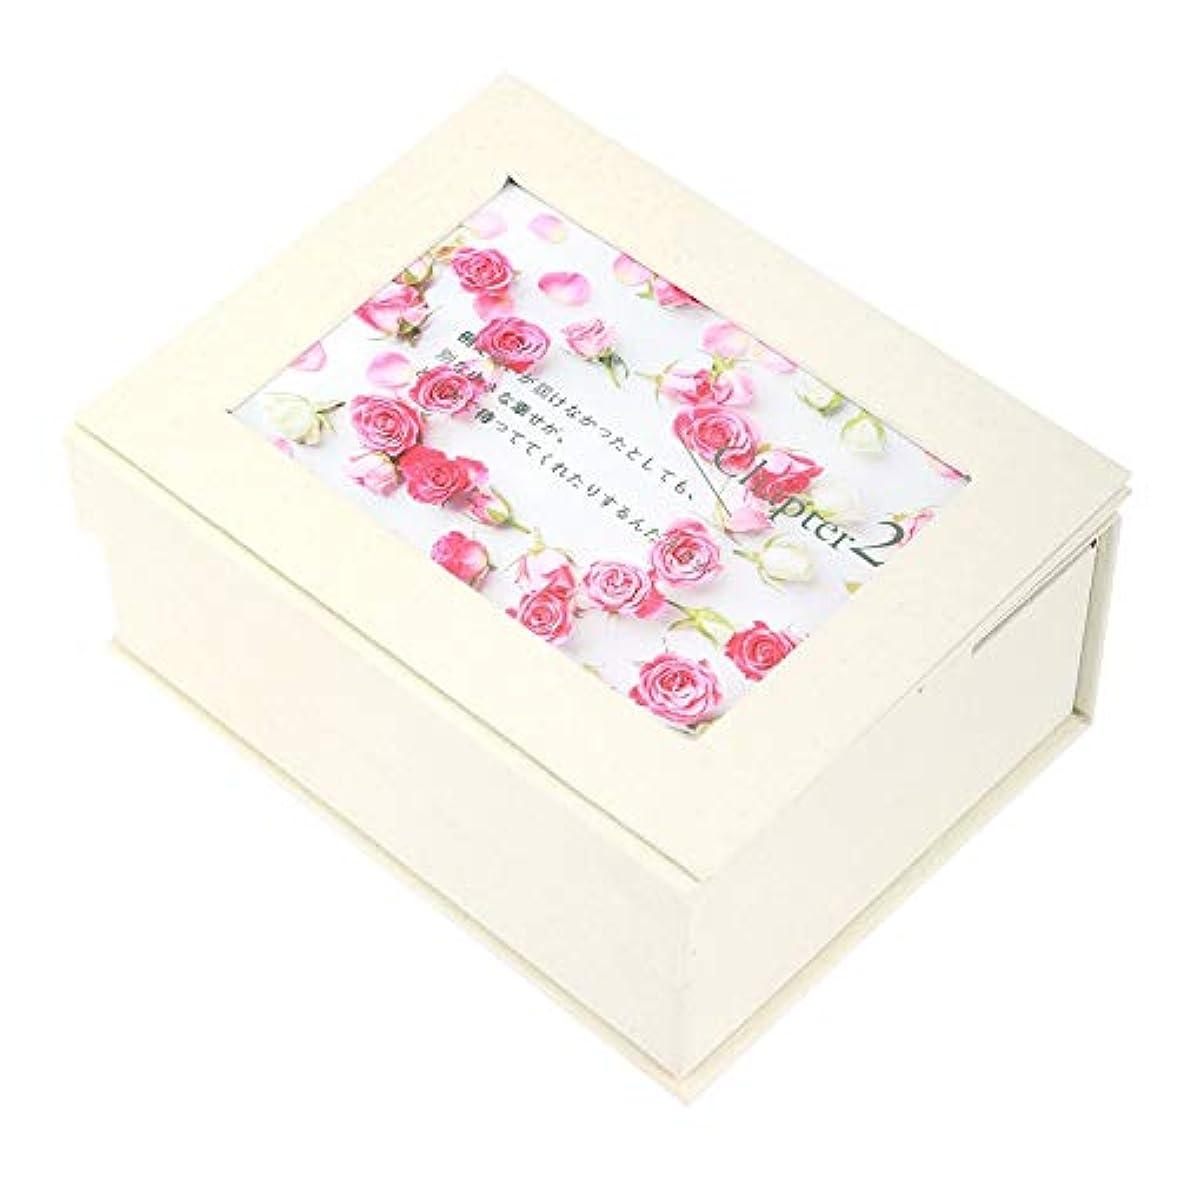 里親担保クール石鹸の花のギフト用の箱、石鹸の花のギフト用の箱の女の子のお母さんの誕生日のクリスマスの結婚式のギフトの写真フレームが付いている花の石鹸(#1)